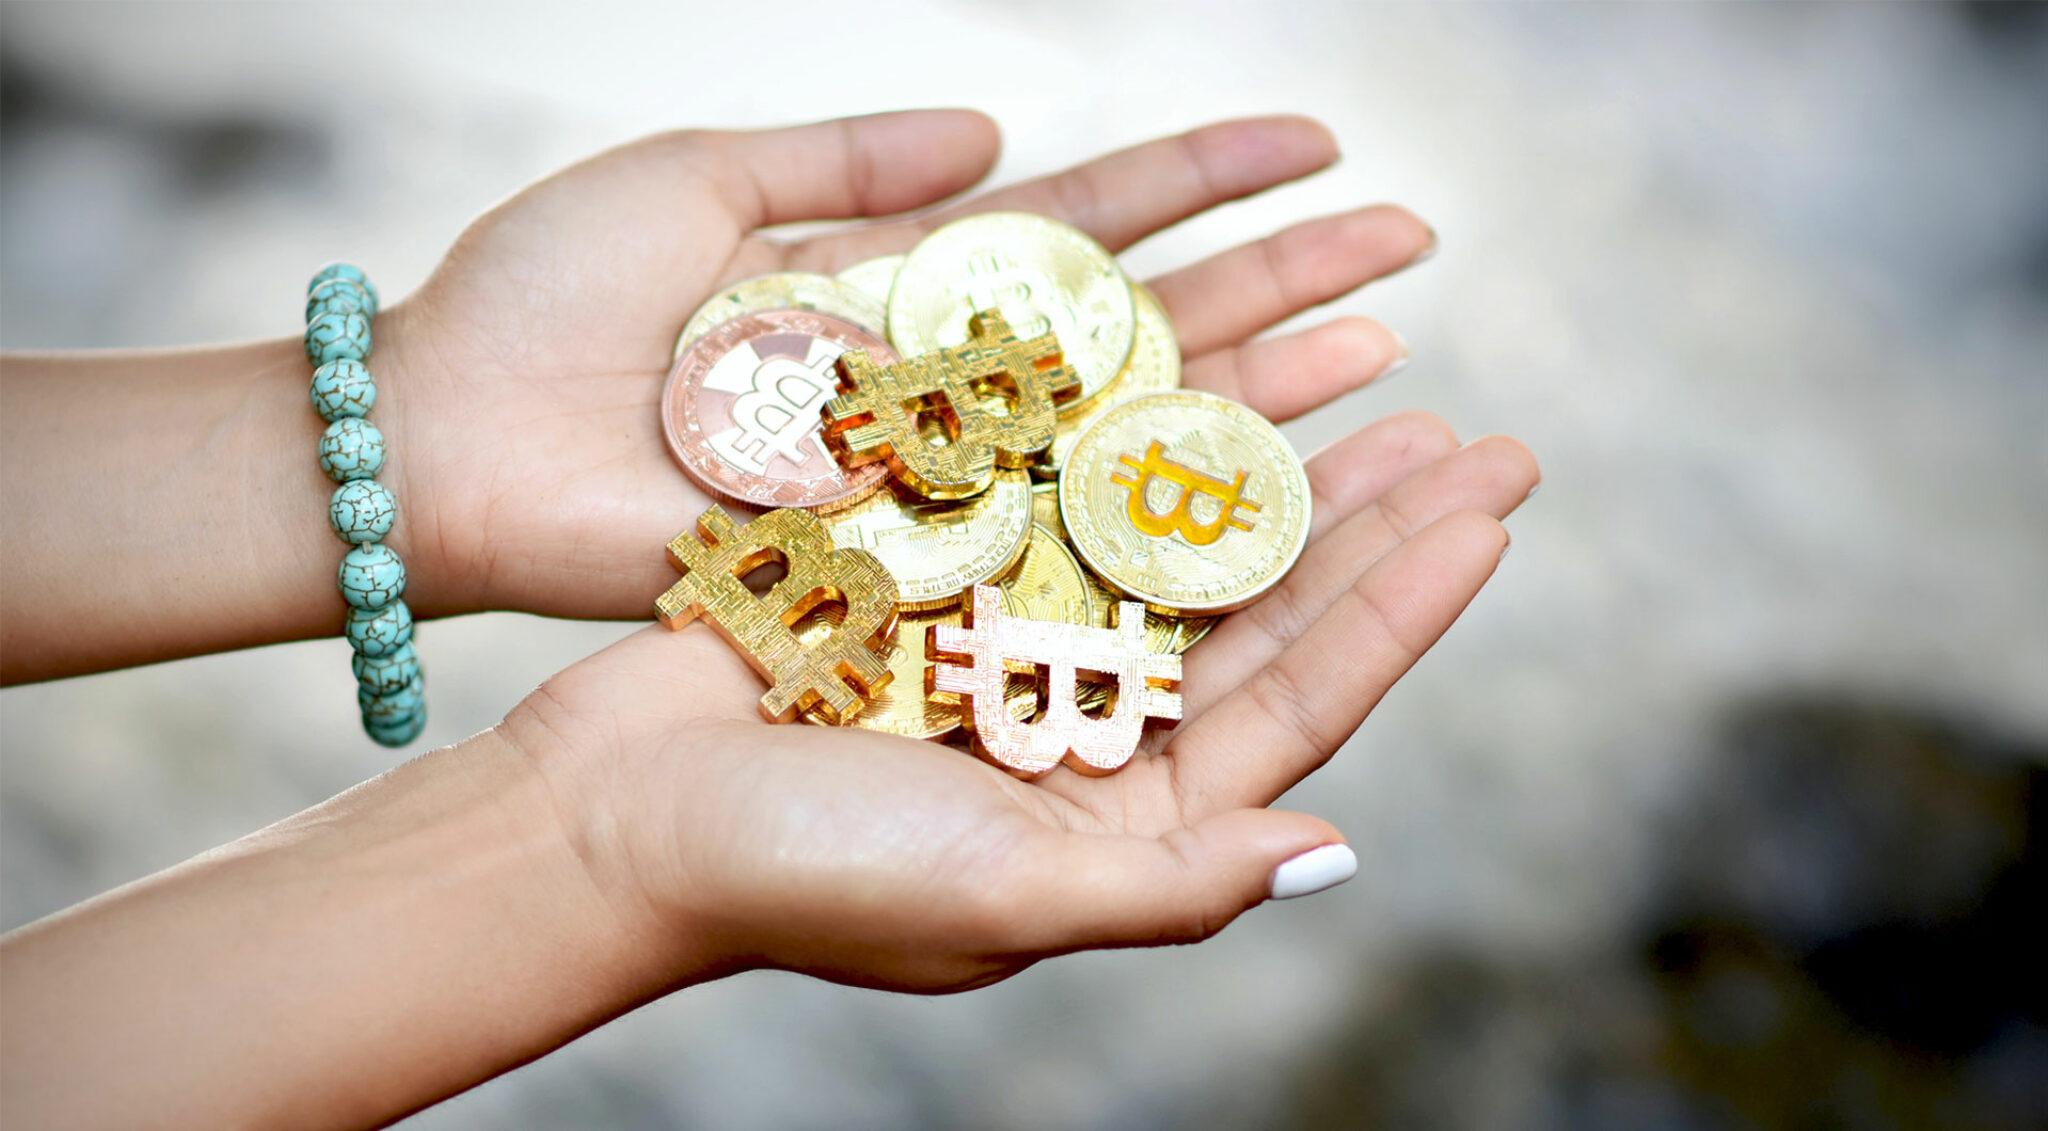 Frau hält Goldmünzen in den offenen Händen.